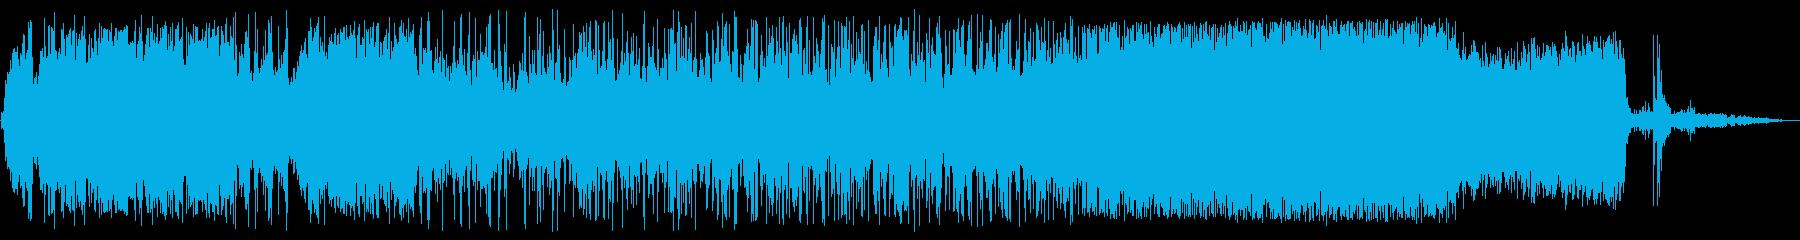 蛇口から水が出る効果音の再生済みの波形